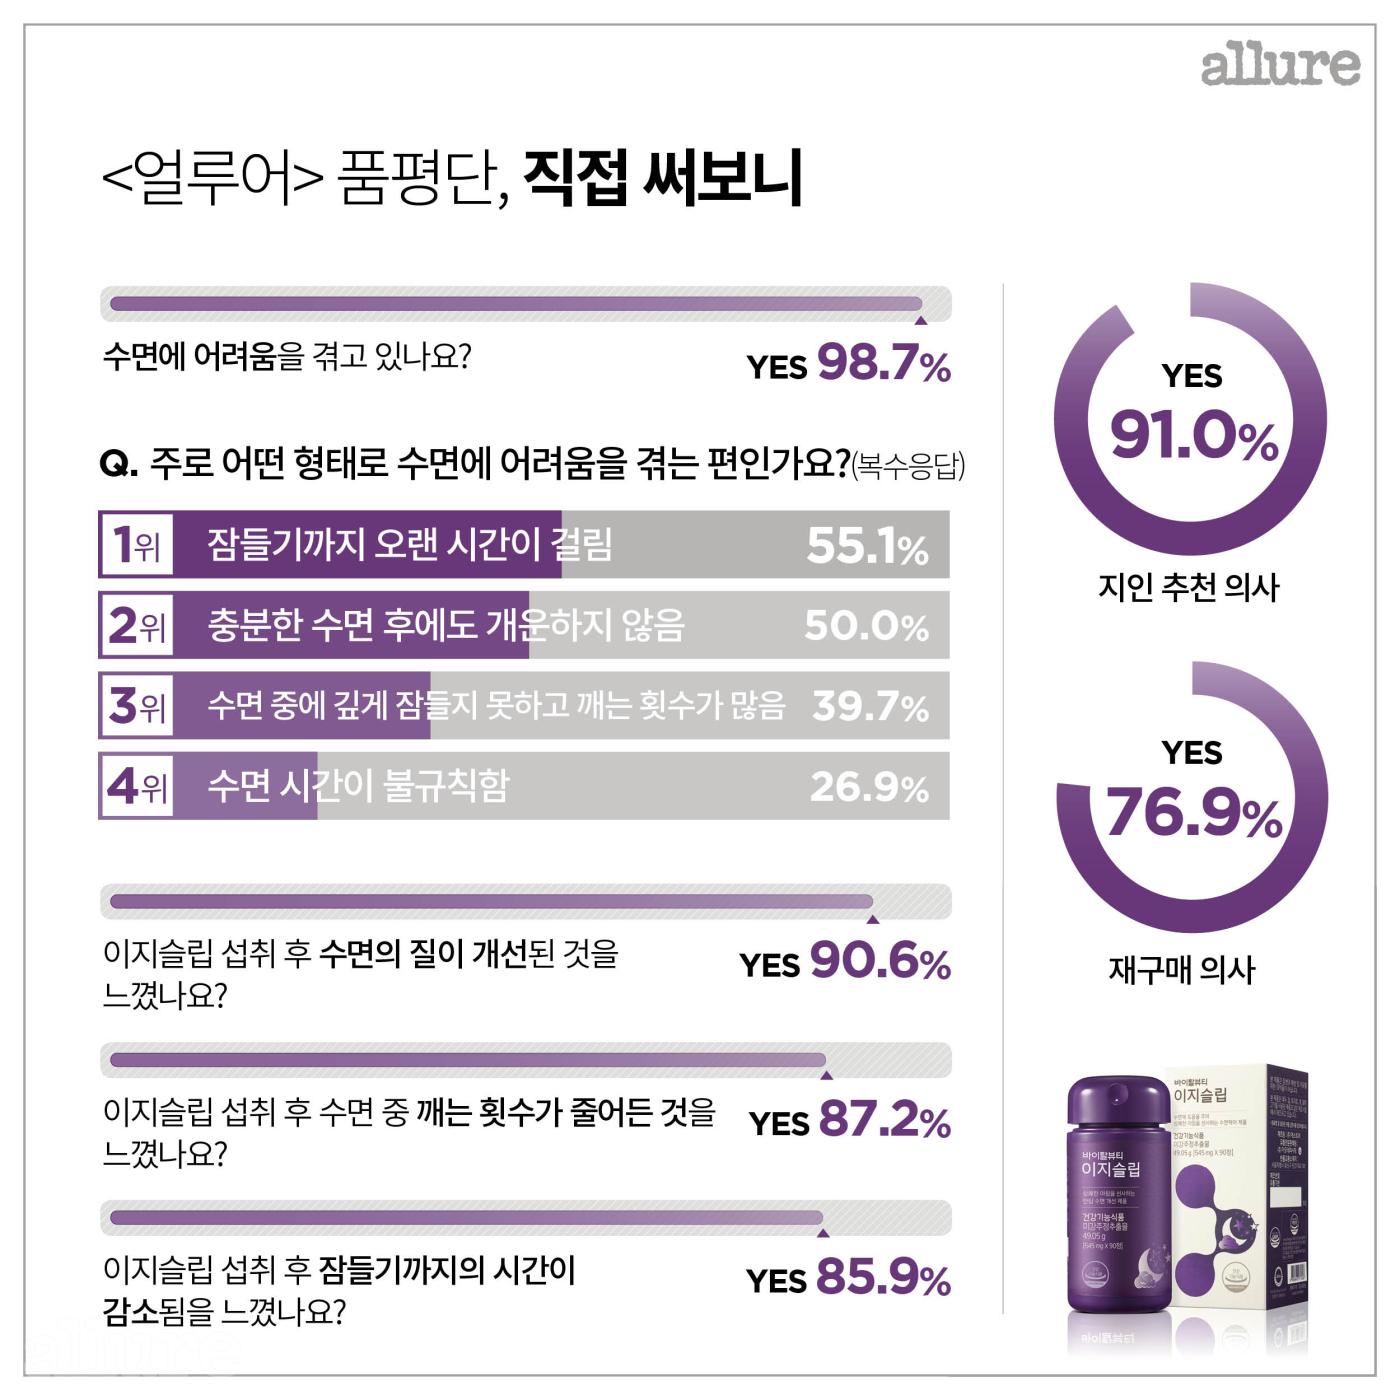 CARD 바이탈뷰티 최종4